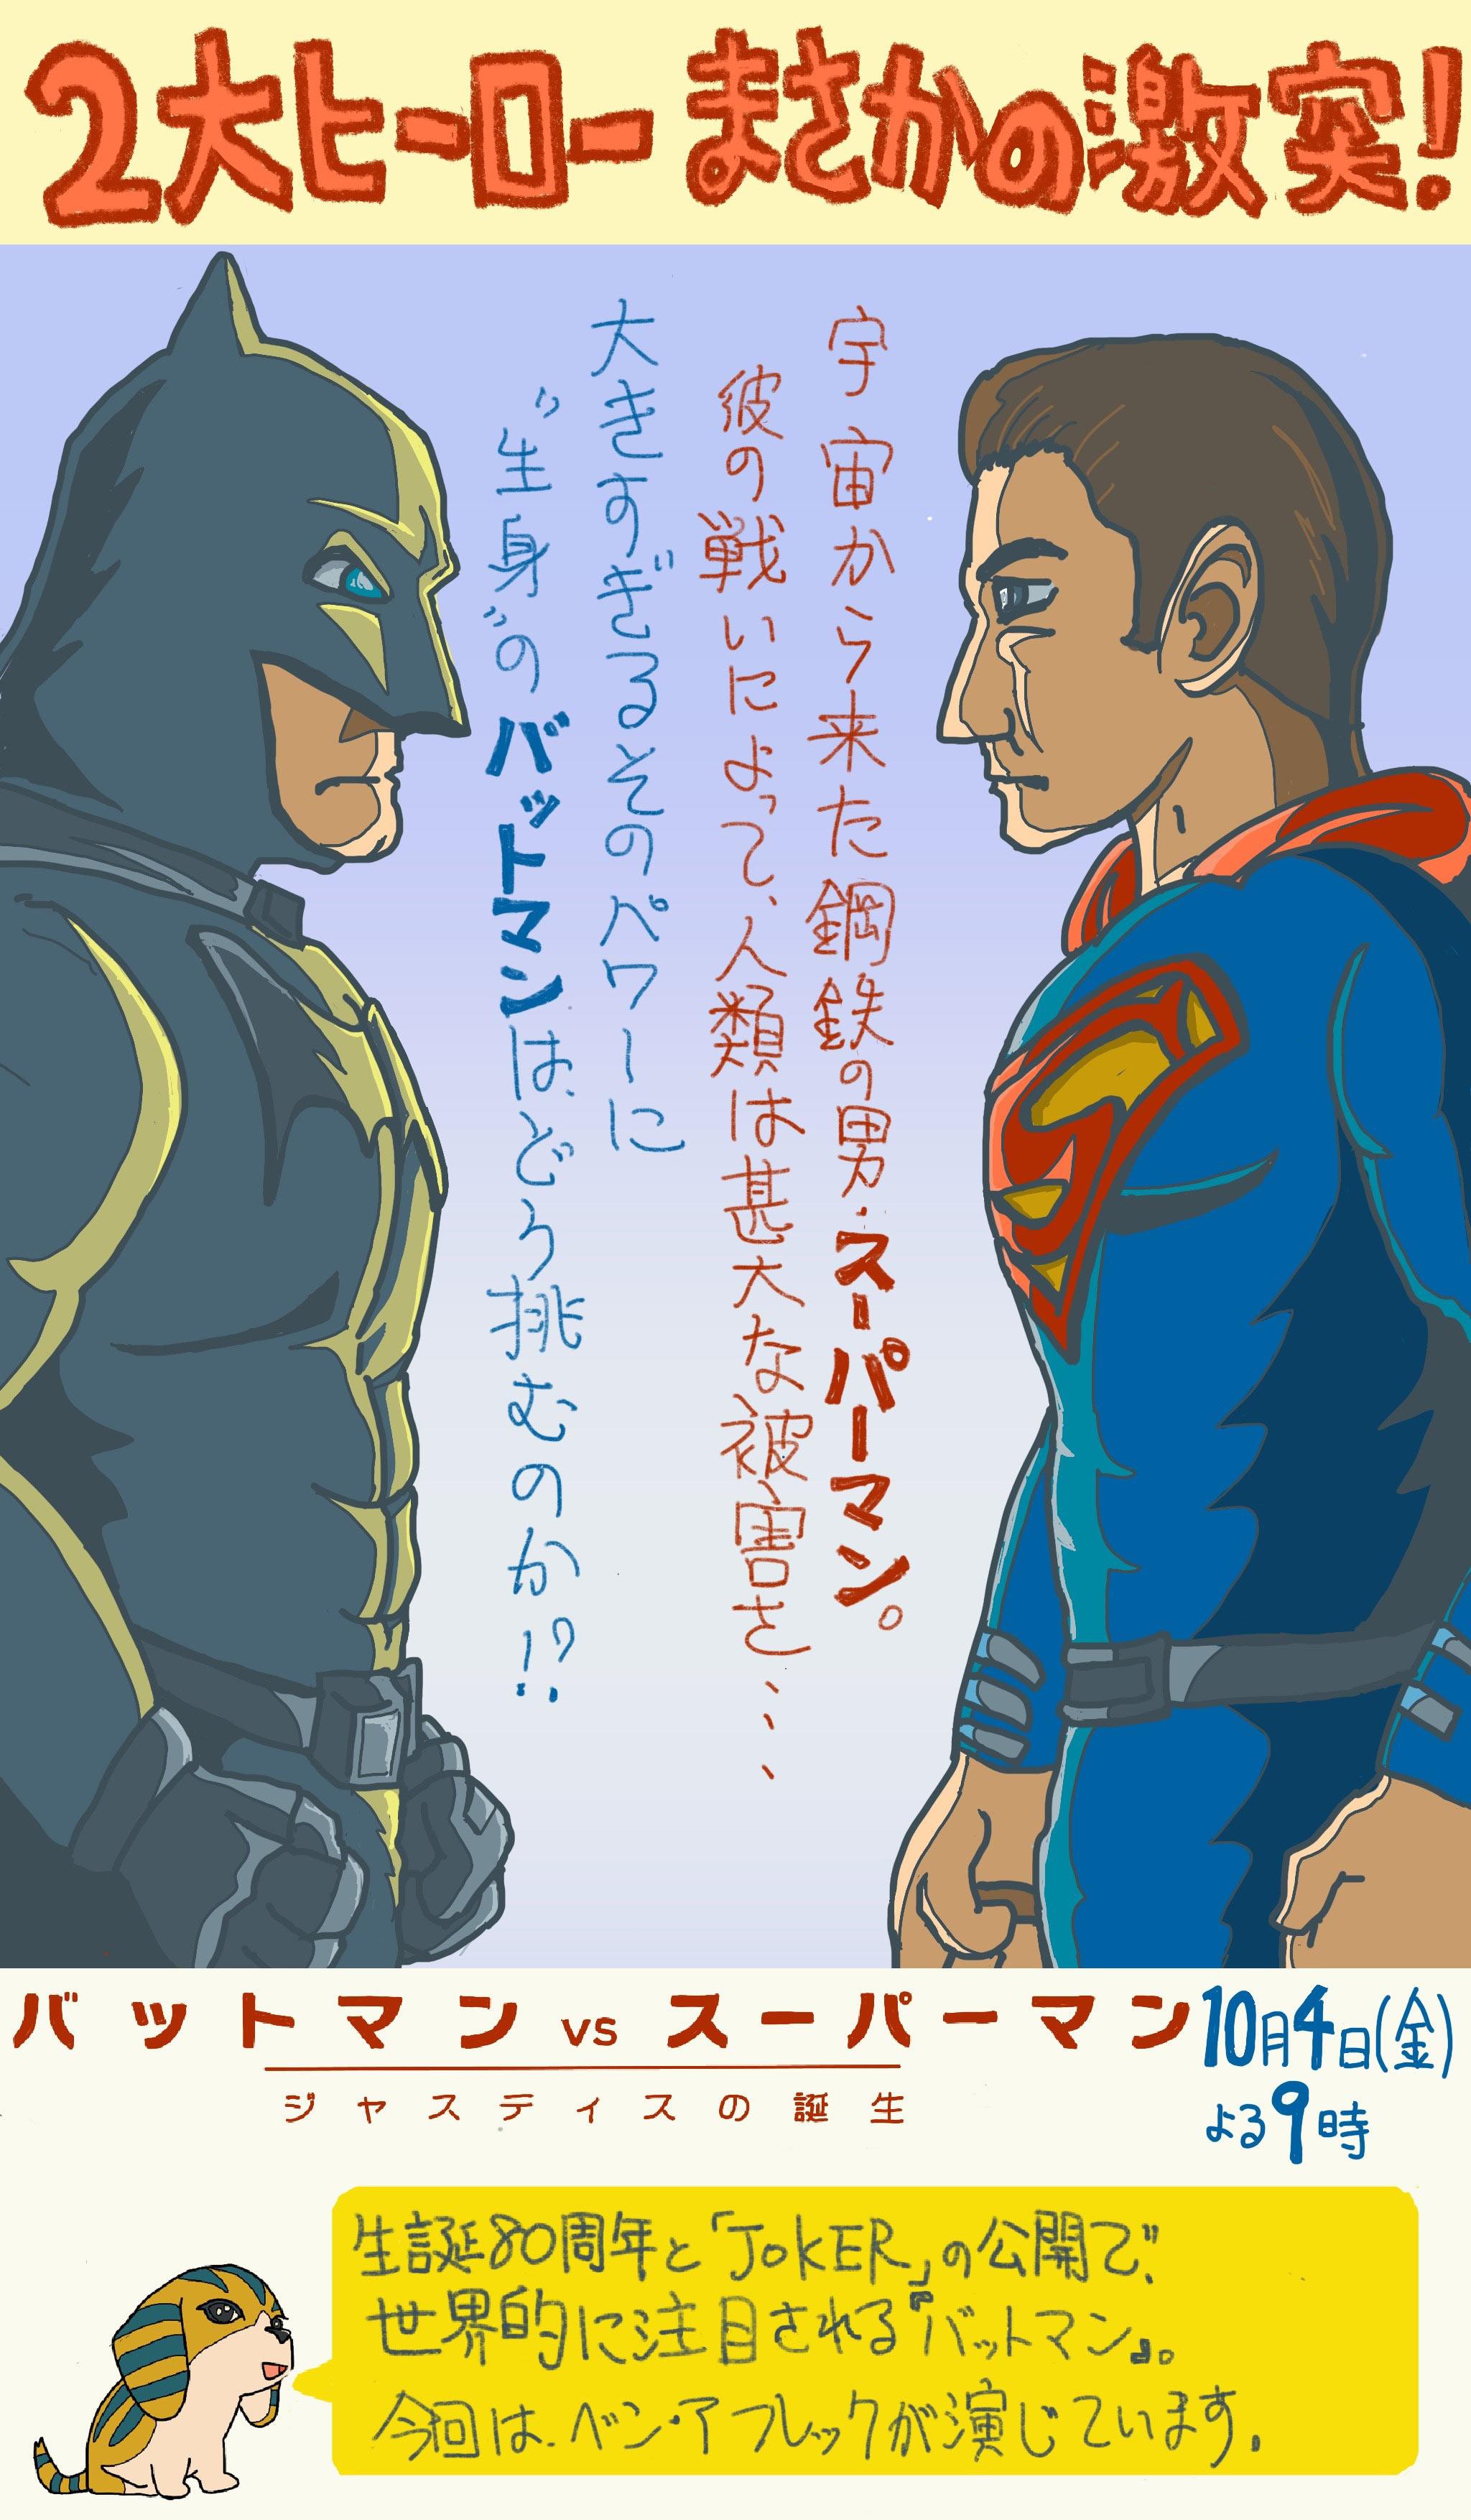 バットマンvsスーパーマン ジャスティスの誕生のイラストレビュー